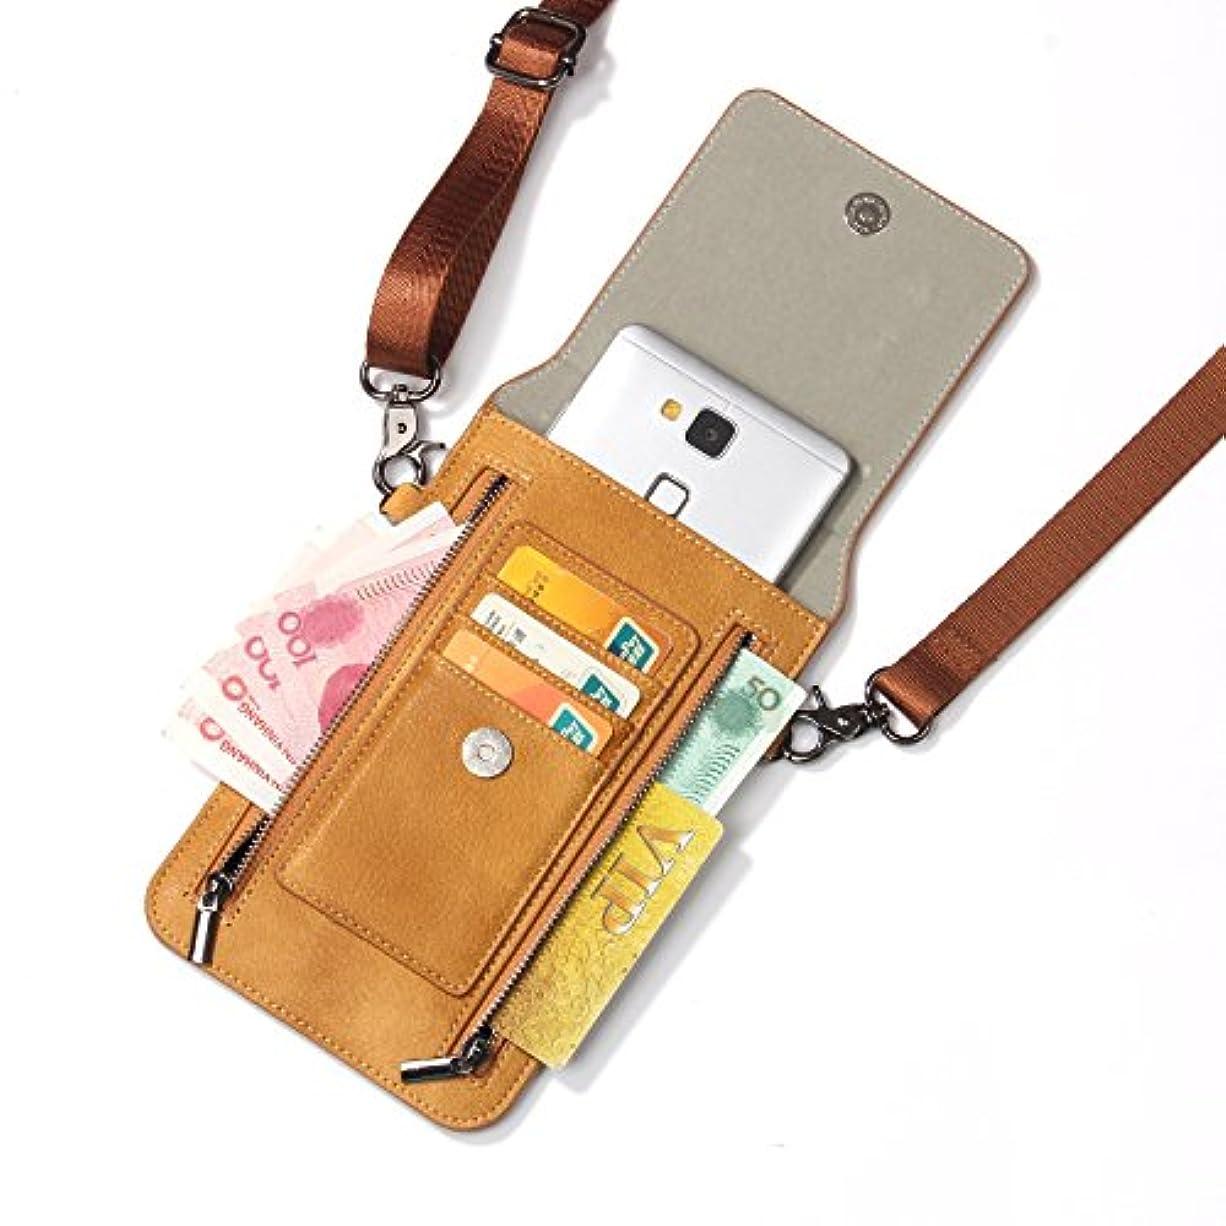 拡大するセージサラダiPhone XS Max ケース レザー INorton 多機能スマホポーチ 保護カバー 財布型 軽量 カード お金収納 ストラップ付き iPhone X /8/8Plus/7/7Plusなど6.5インチ汎用